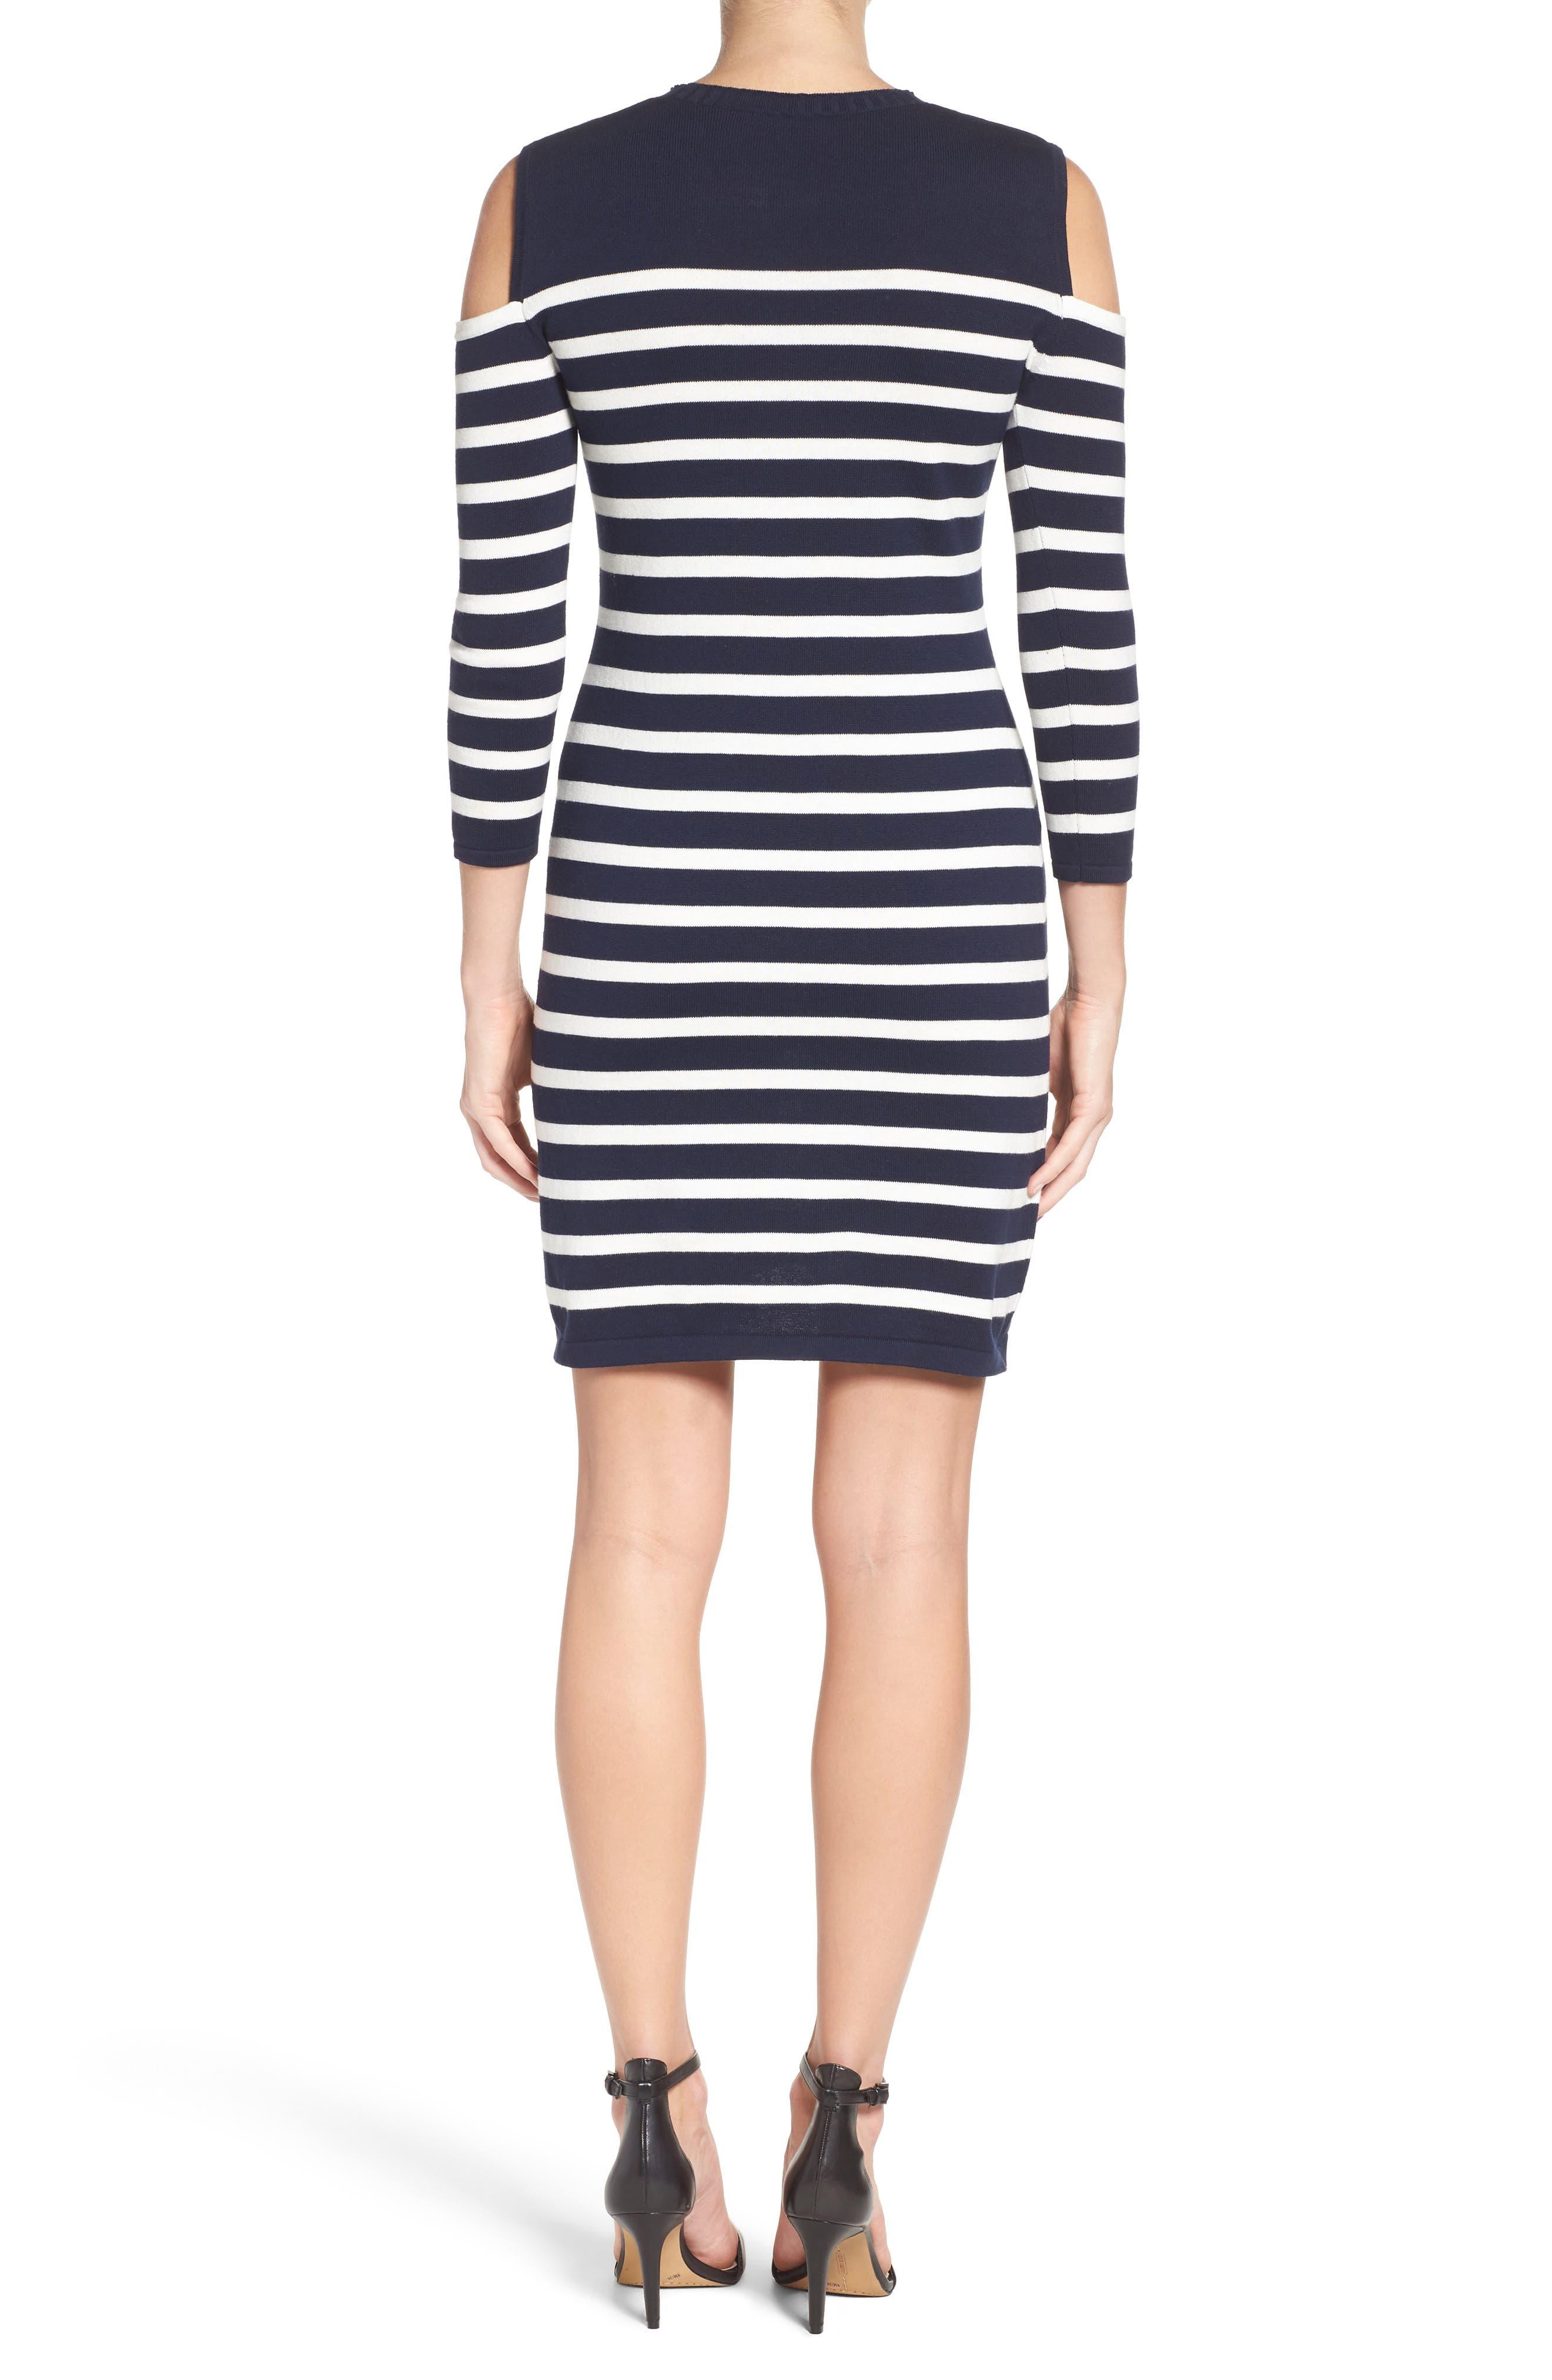 Trina Turk Tango Stripe Cotton Knit Dress,                             Alternate thumbnail 2, color,                             Whitewash/ Indigo